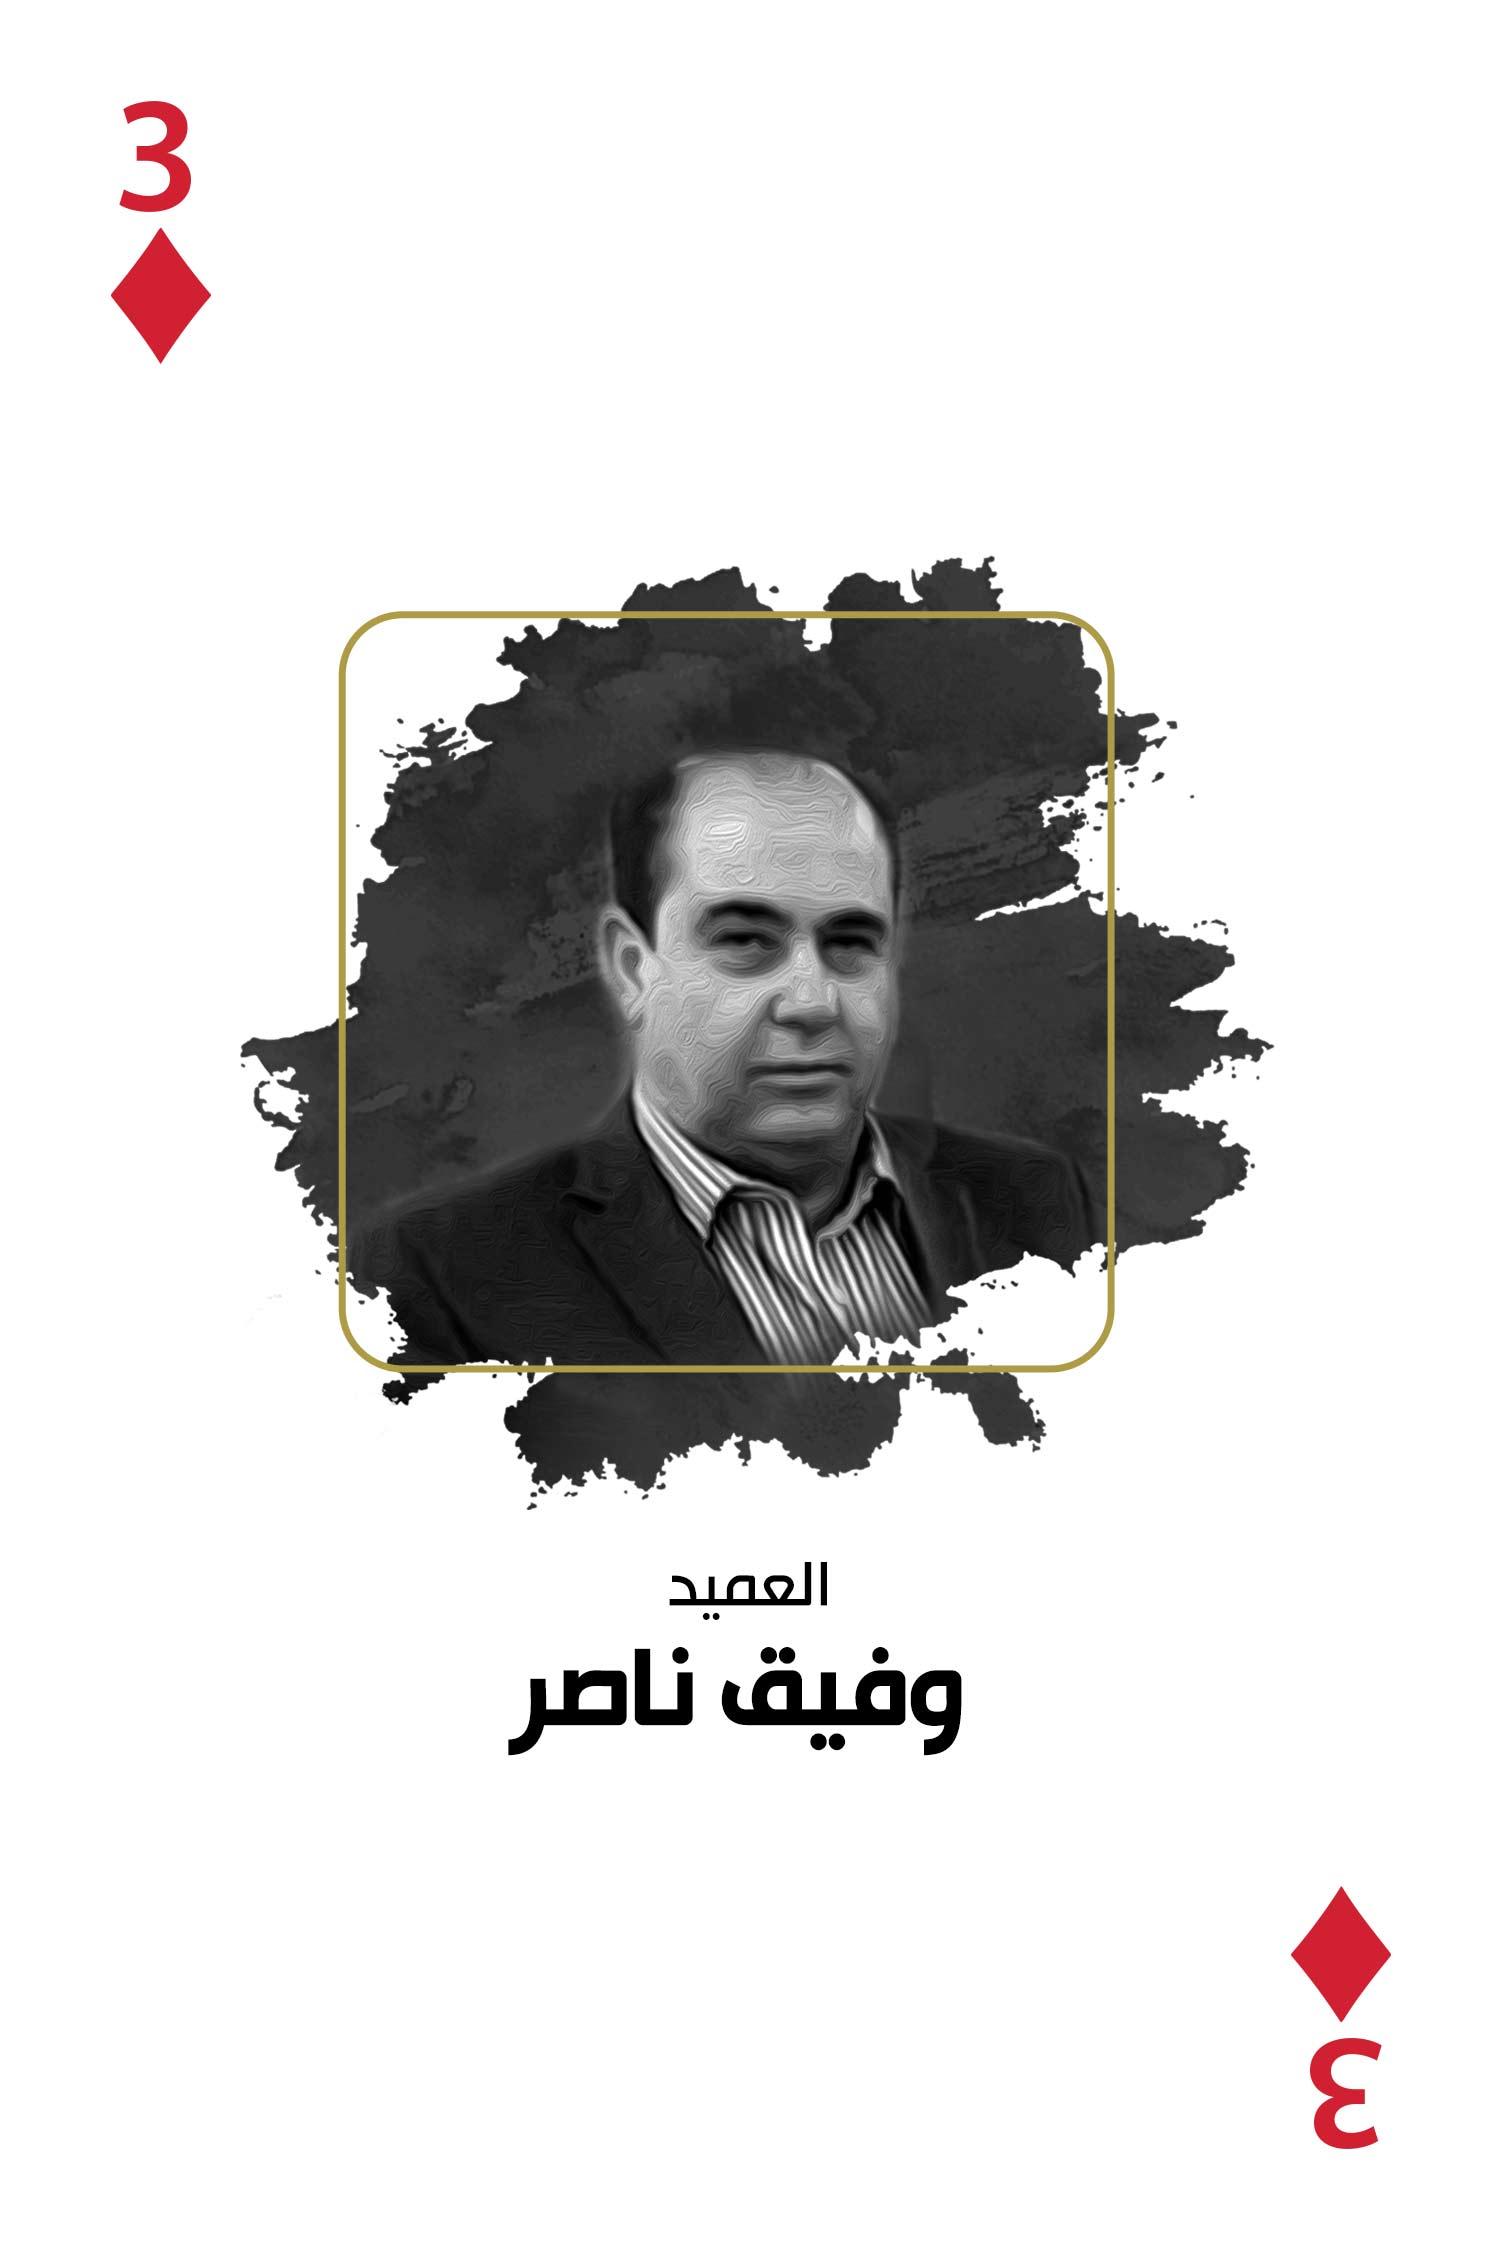 مع العدالة - وفيق ناصر